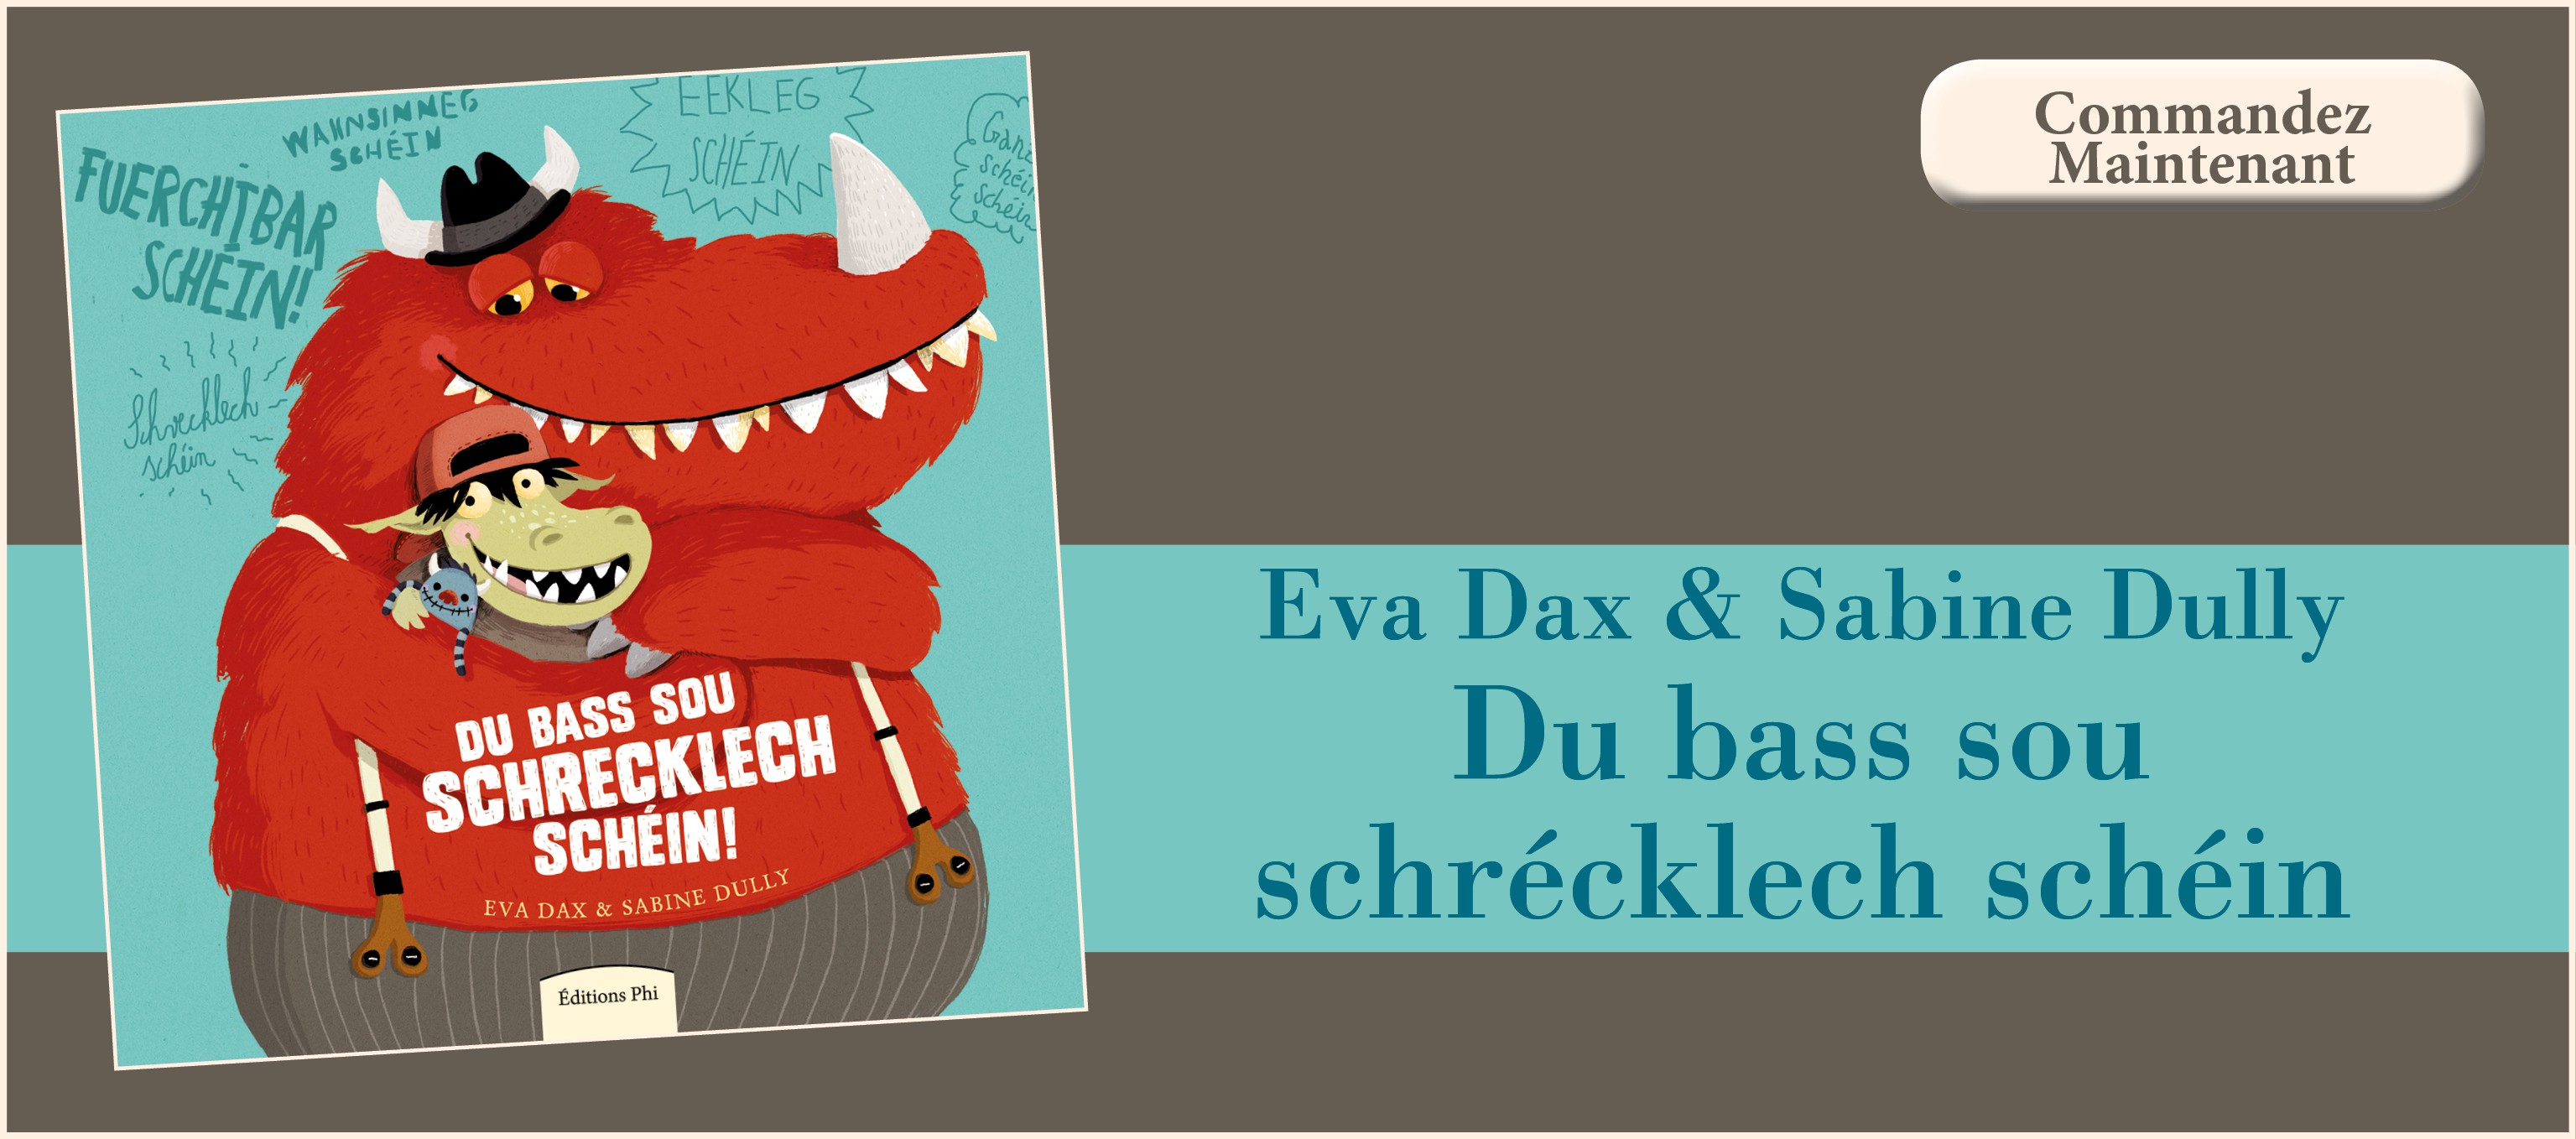 Eva Dax & Sabine Dully - Du bass sou schrecklech schéin!